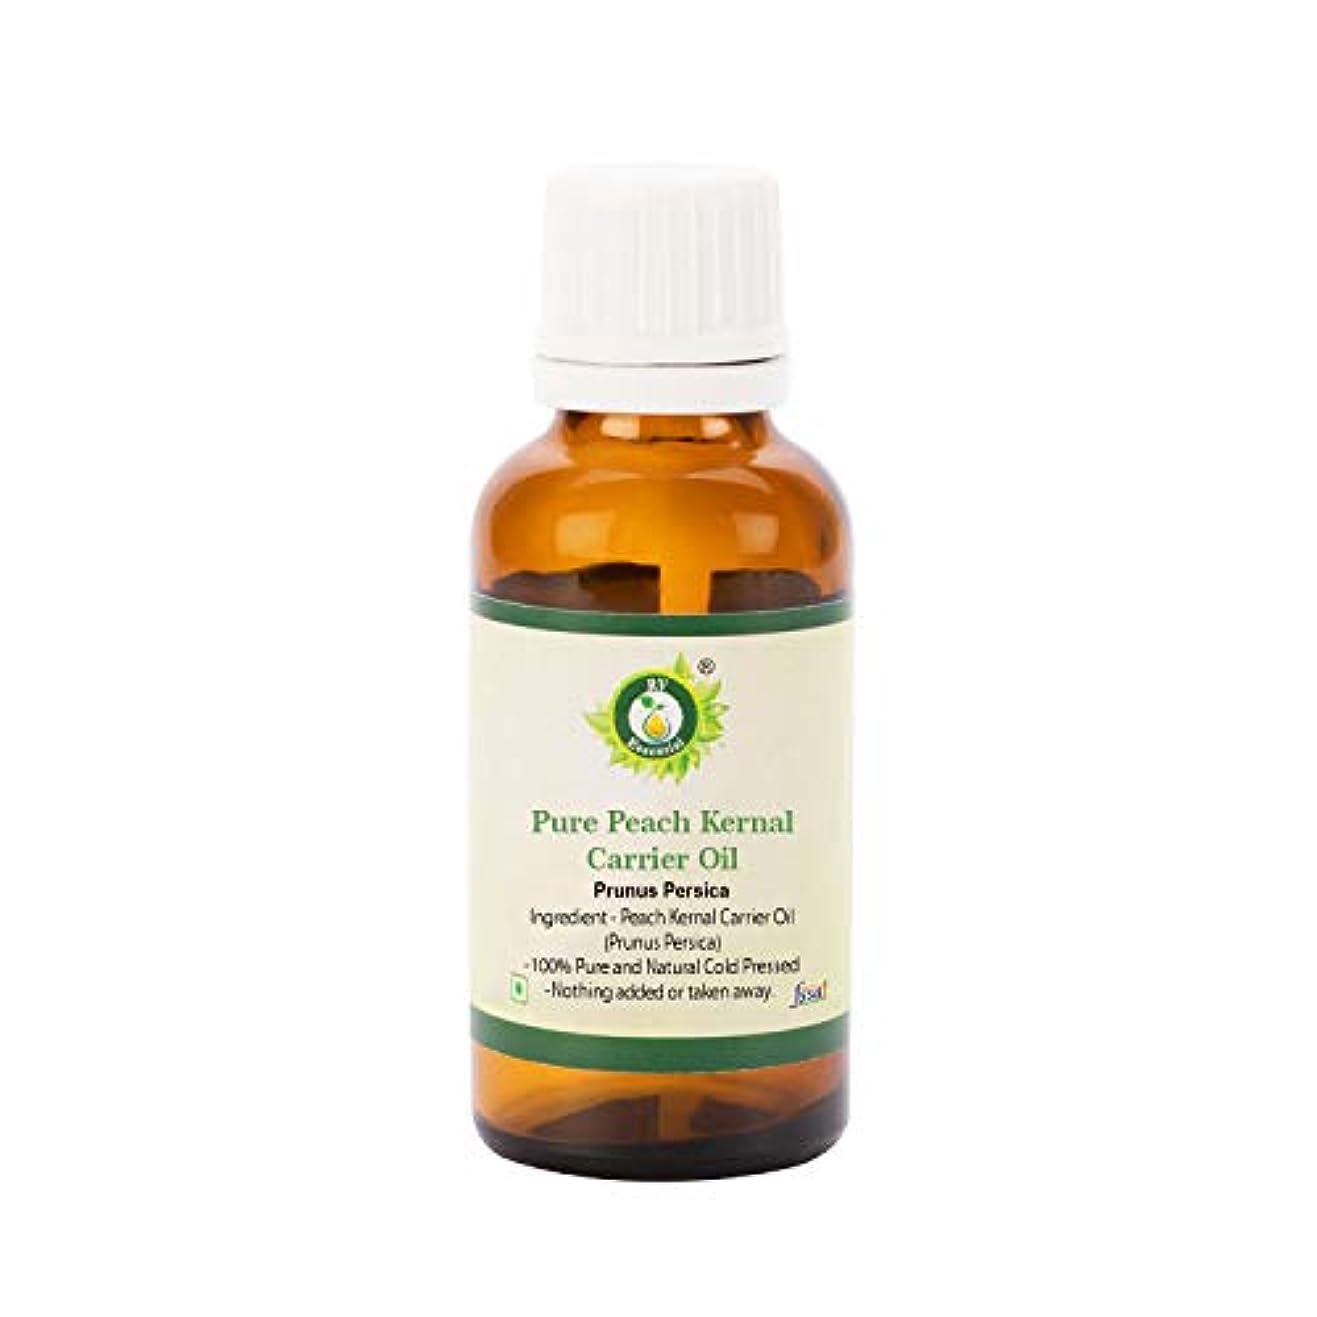 間接的時制増強するR V Essential ピュアピーチ Kernalキャリアオイル30ml (1.01oz)- Prunus Persica (100%ピュア&ナチュラルコールドPressed) Pure Peach Kernal Carrier...